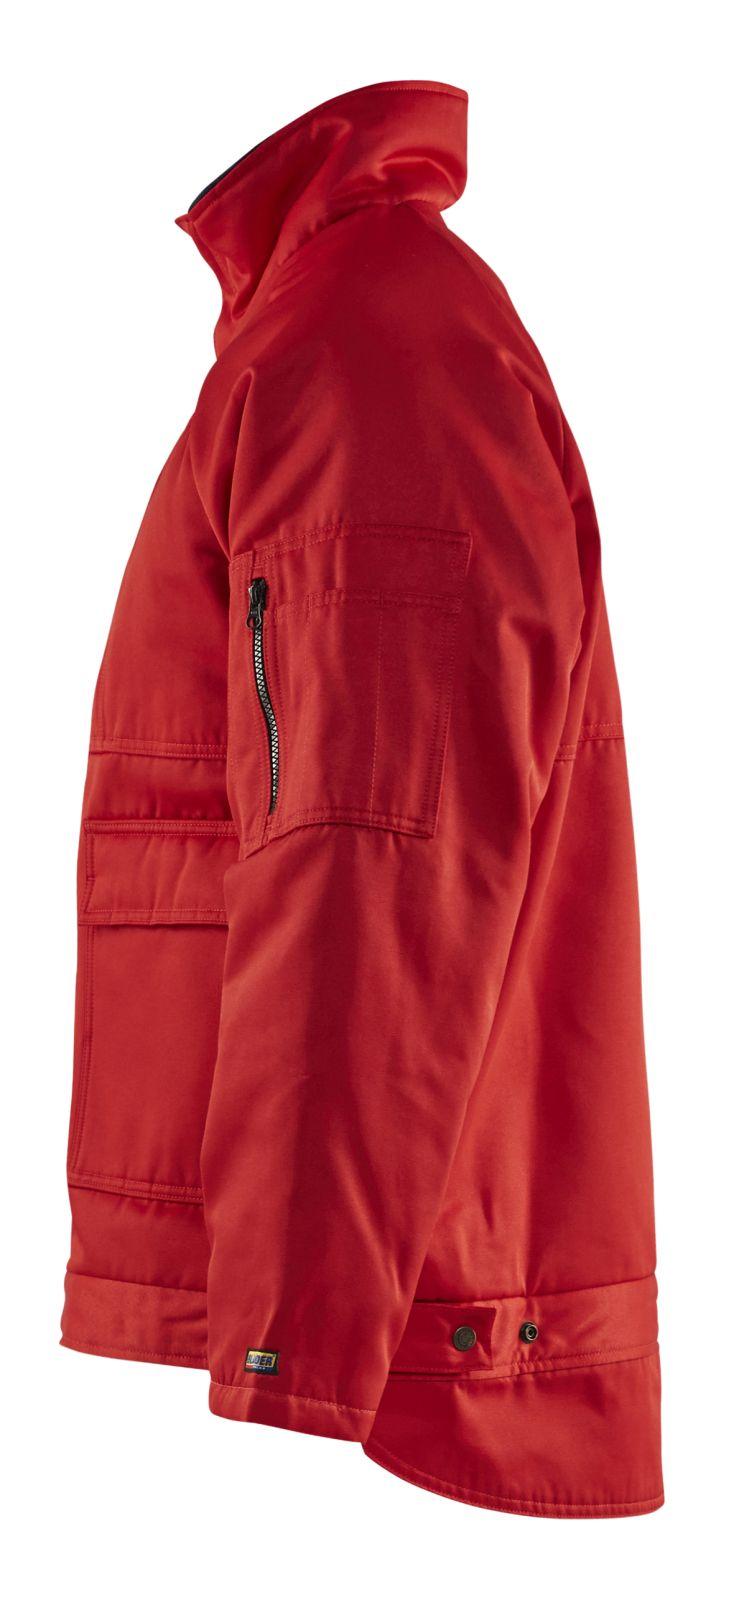 Blaklader Jassen 48001900 rood(5600)